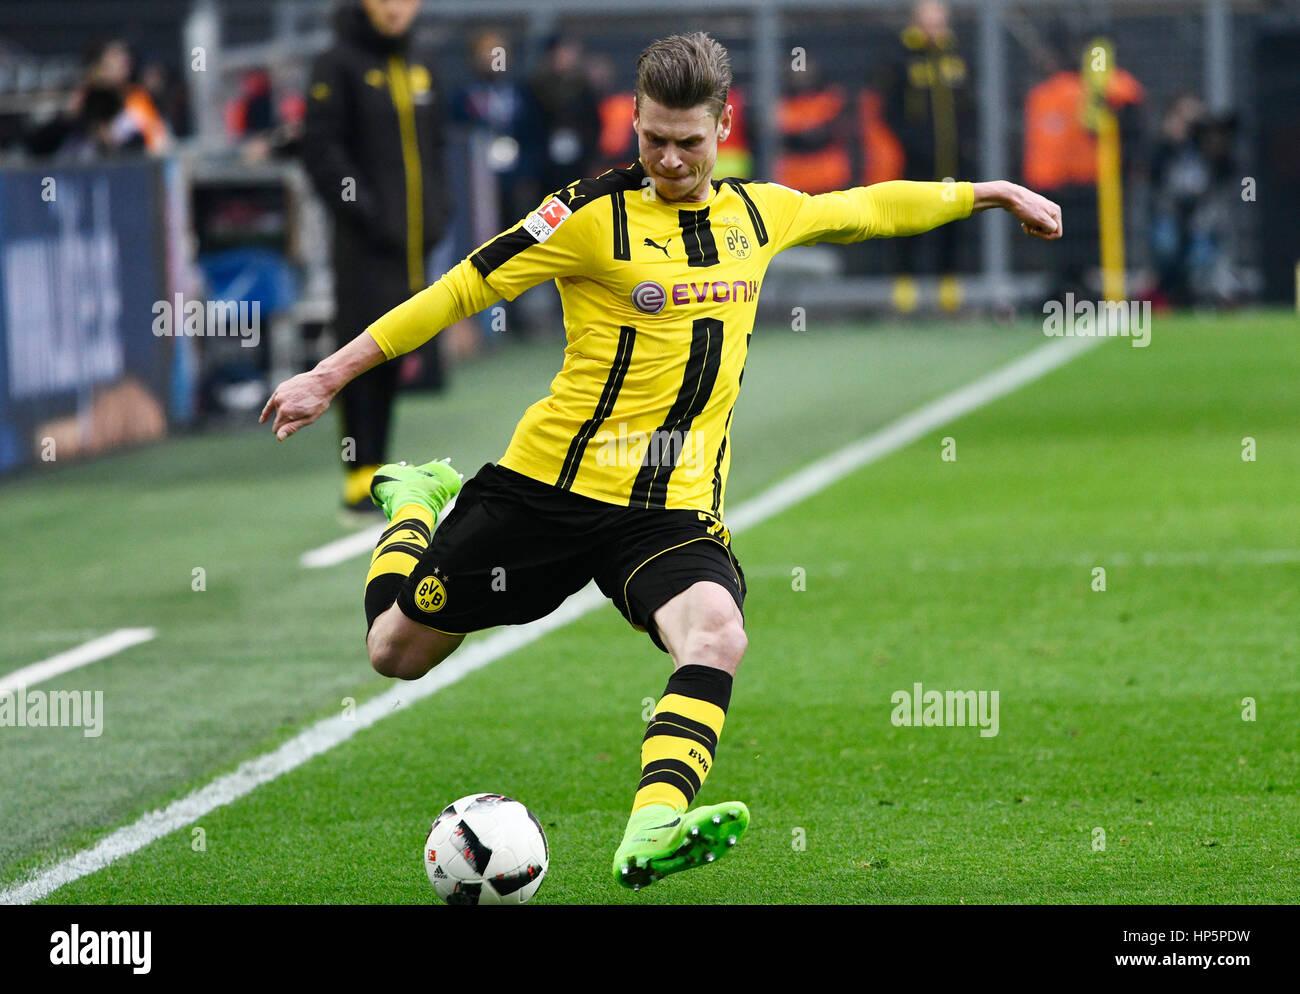 Signal-Iduna Park, Dortmund, Alemanha. 18 de Fevereiro, 2017. Bundesliga alemã de futebol temporada 2016/17, Imagens de Stock